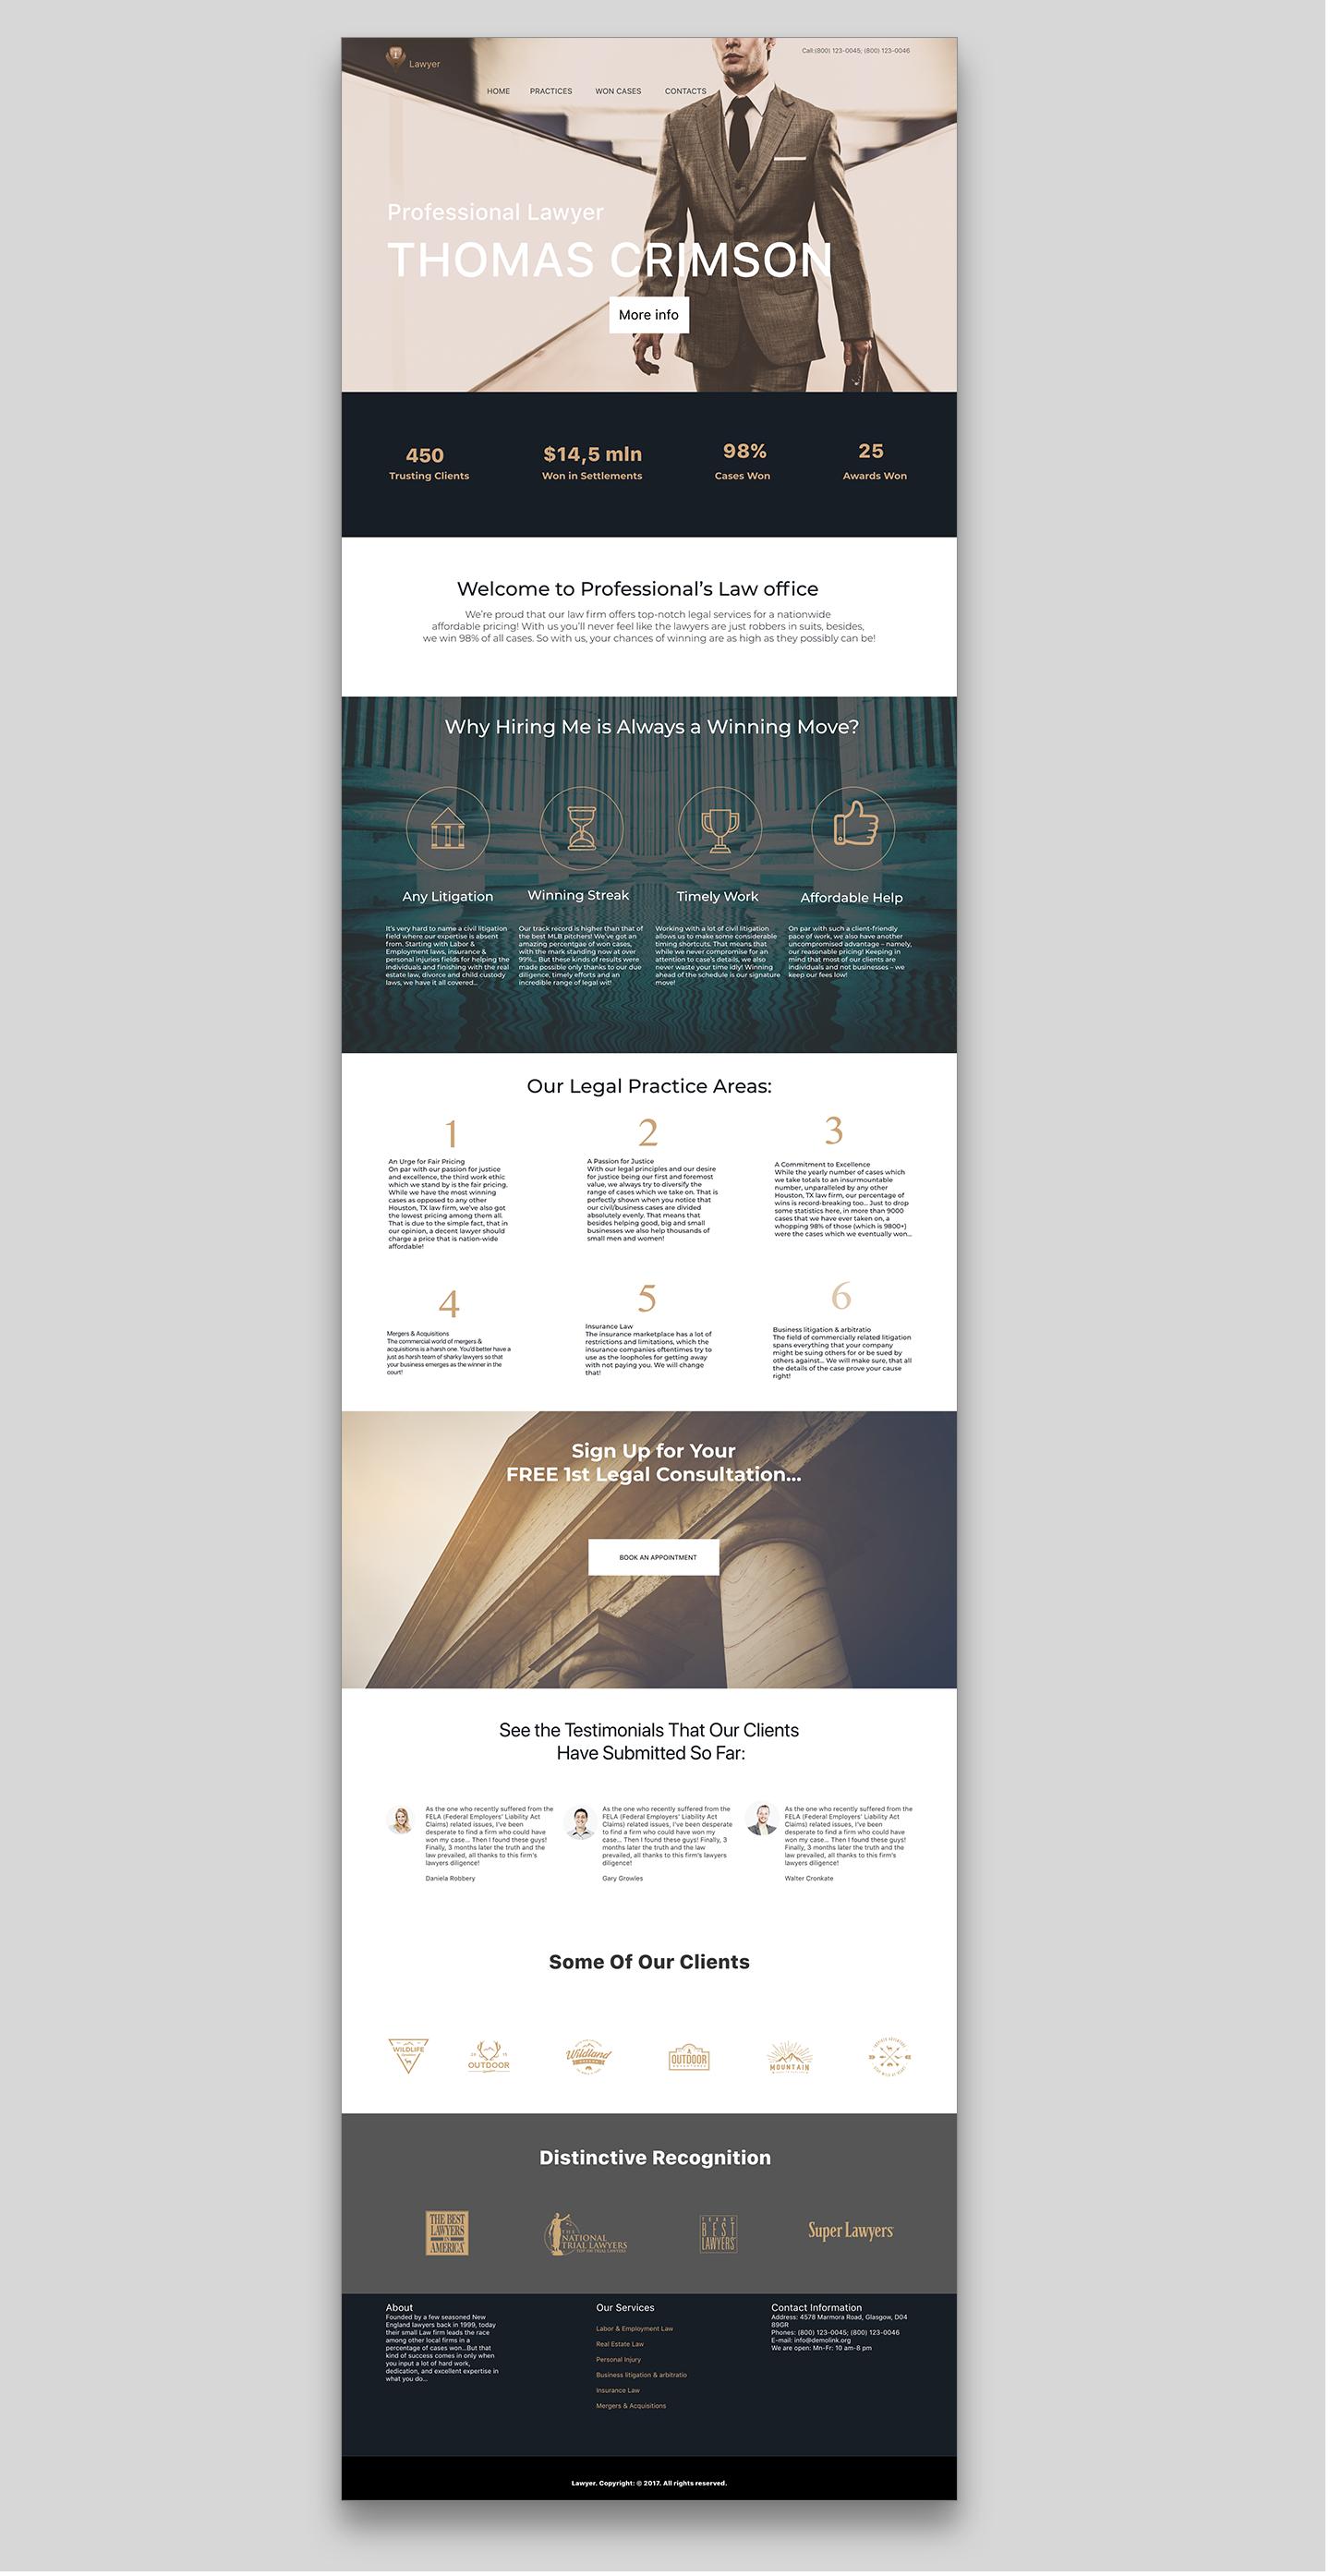 Редизайн сайтов (выбираем исполнителя постоянной основе) фото f_6675a7dd97508548.png